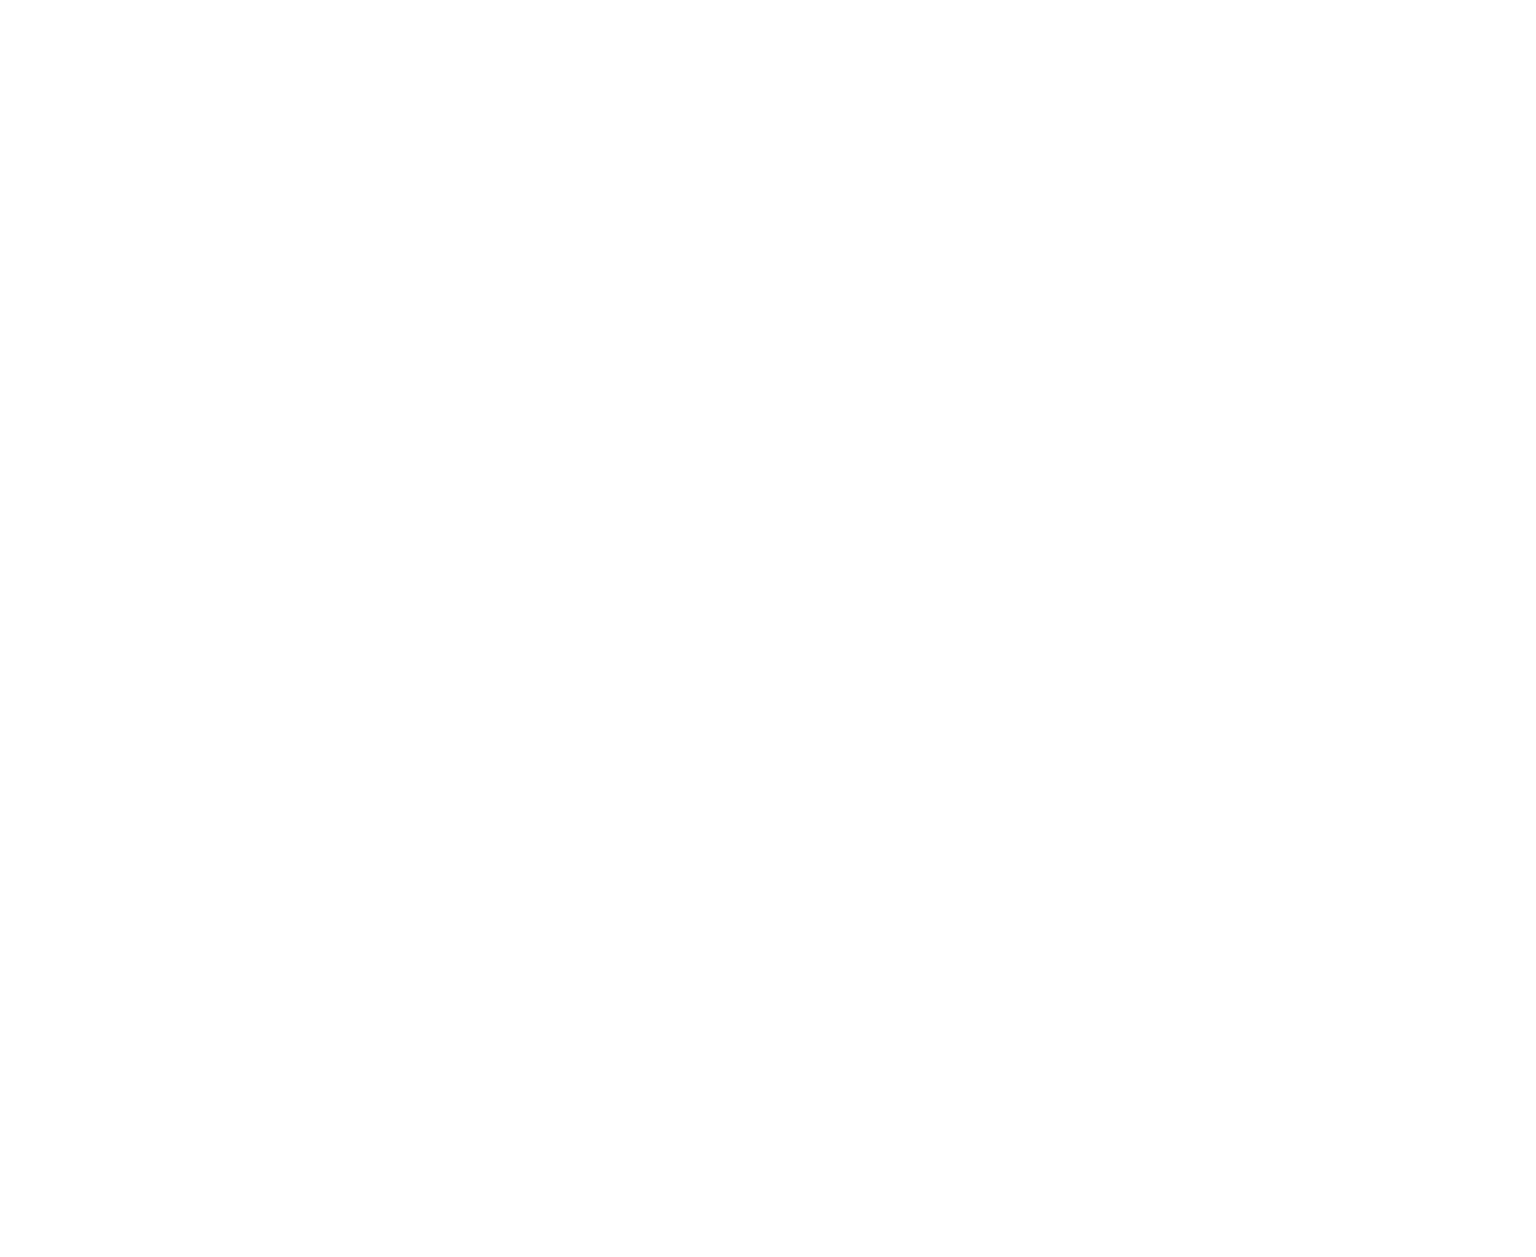 ADDY Award 2020 Icon